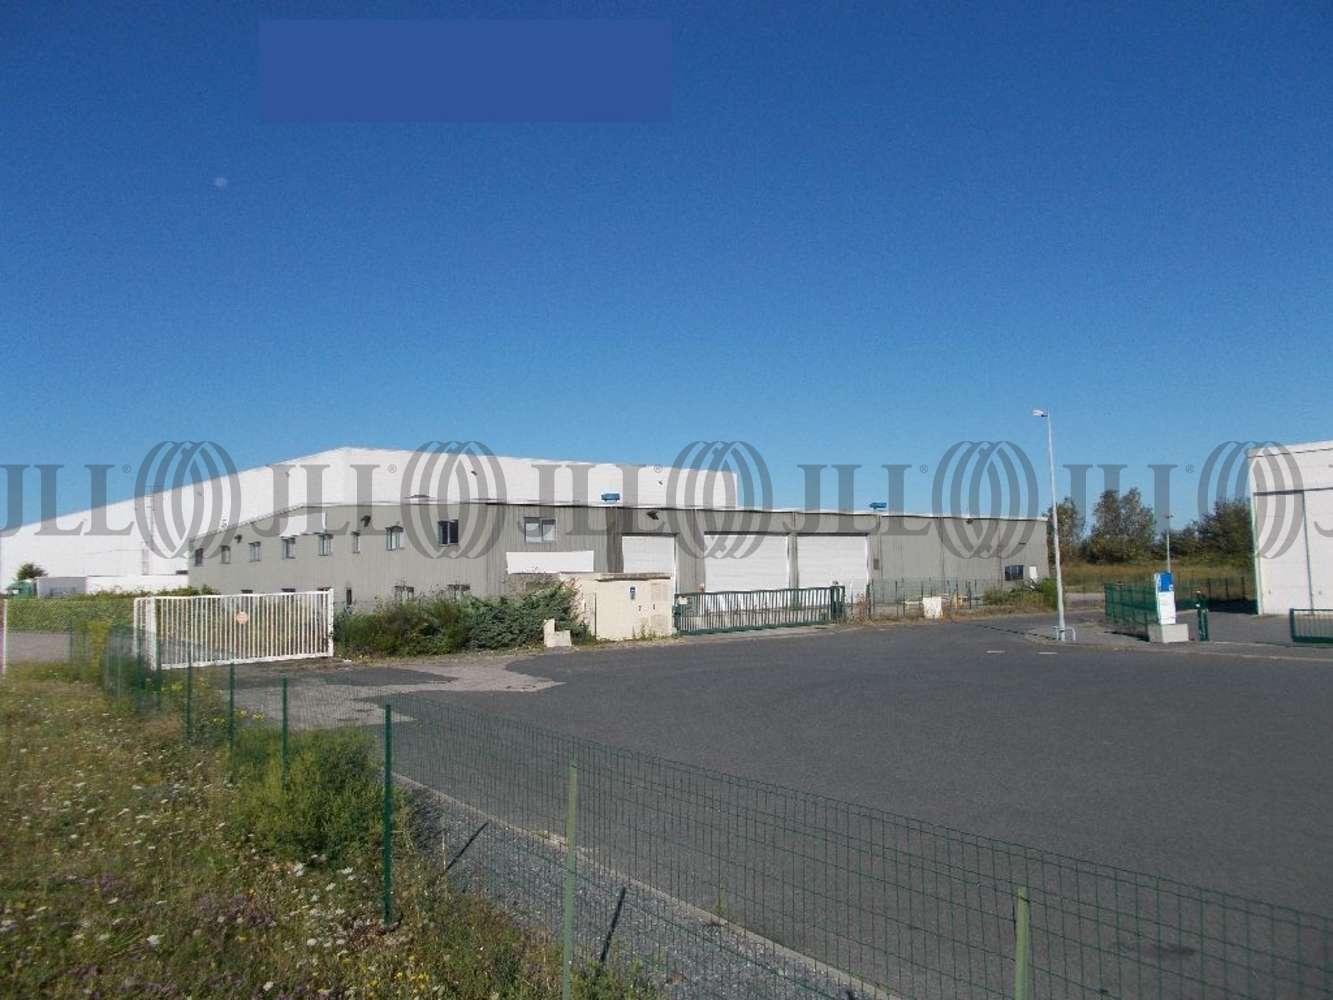 Activités/entrepôt Reyrieux, 01600 - Local d'activité mixte récent - Ain (01) - 9467709